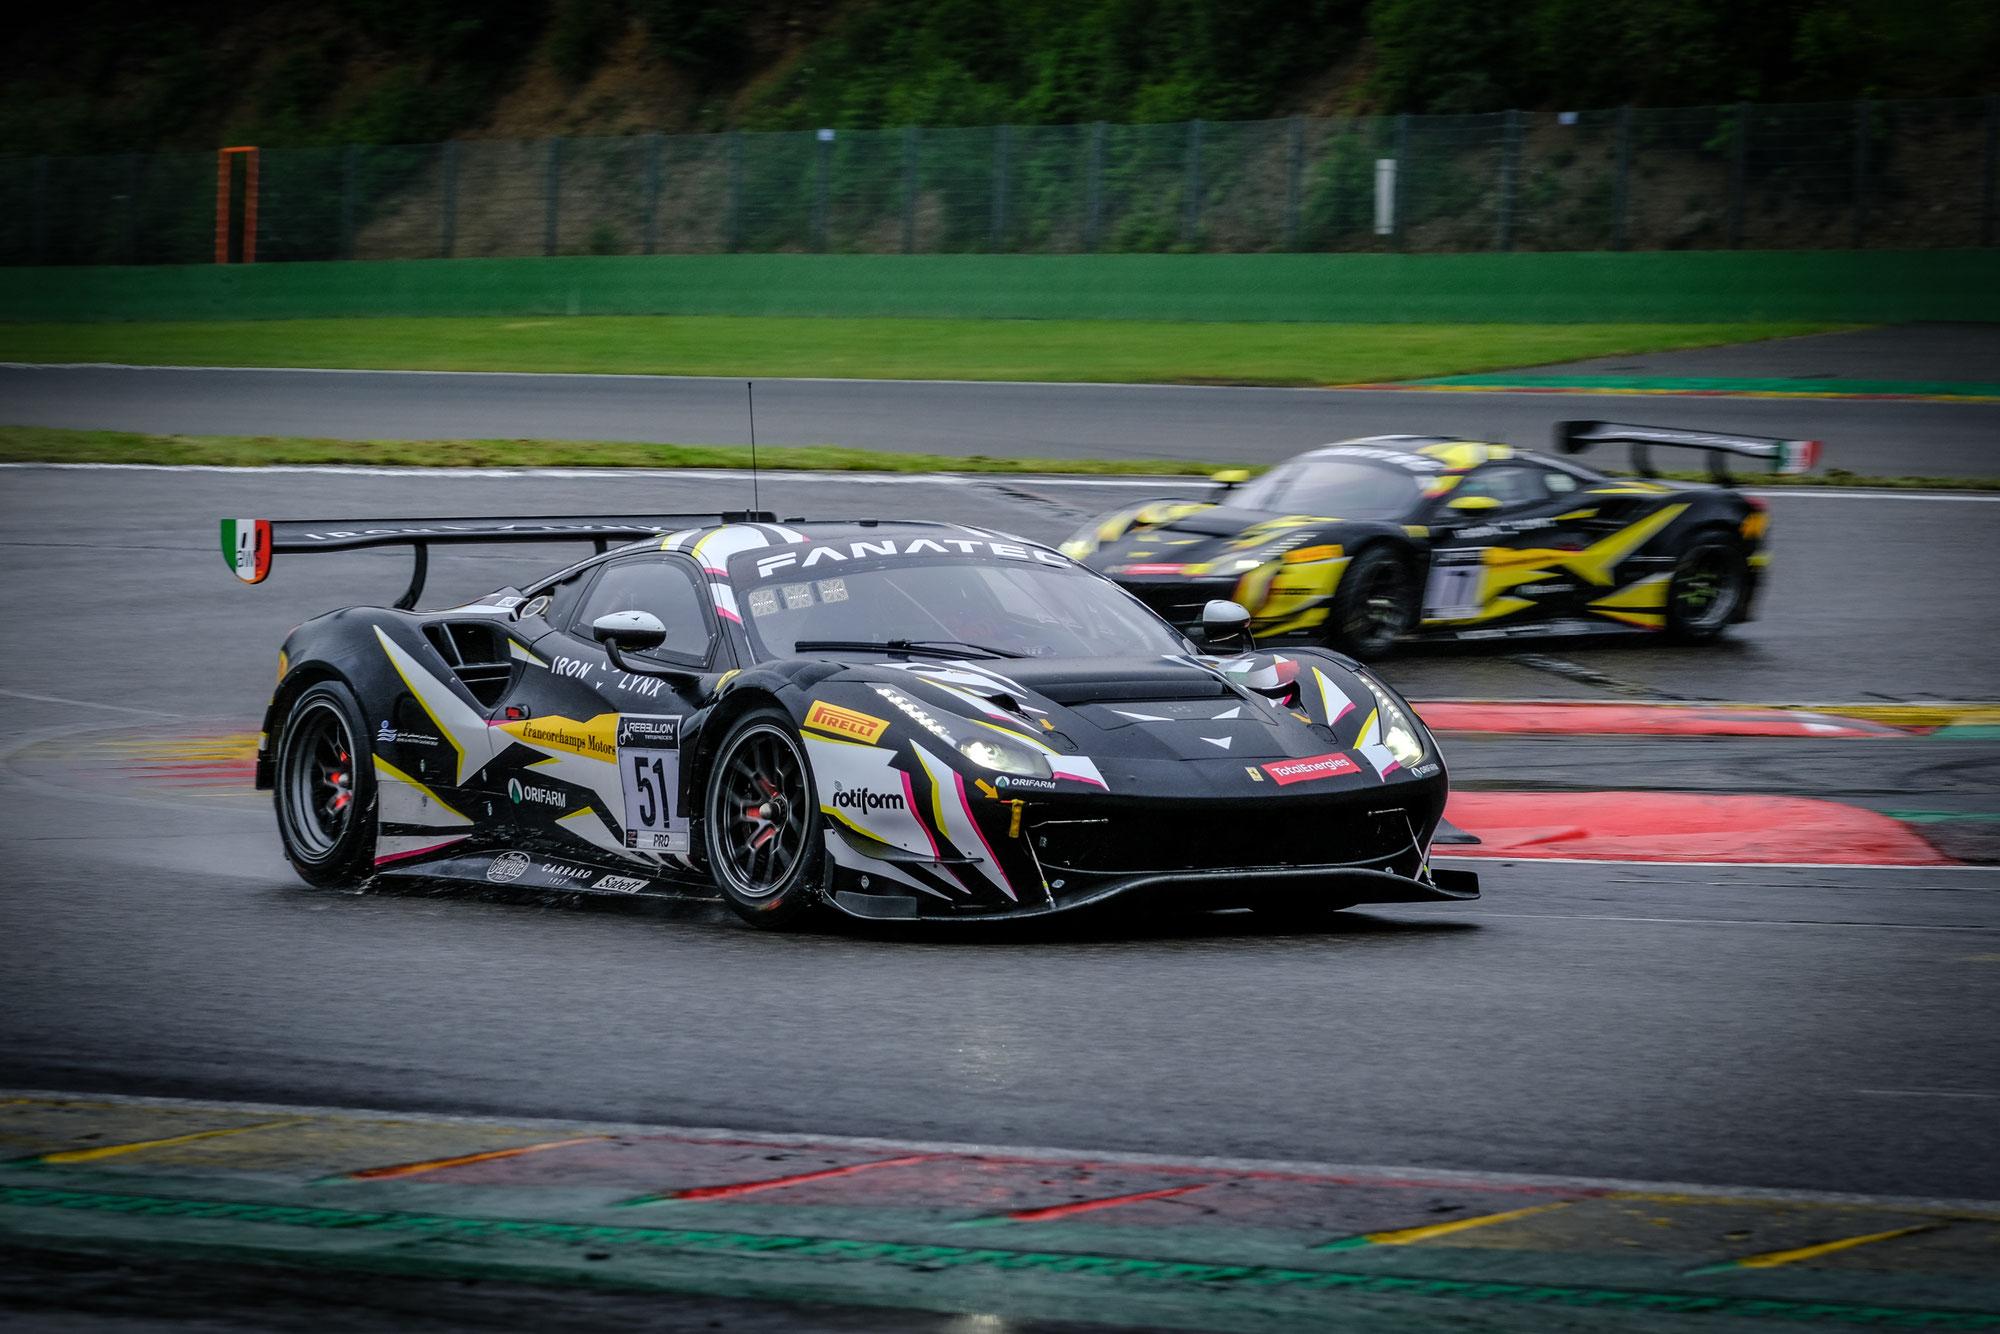 Iron Lynx Ferrari führt bei den Testtagen in Spa-Francorchamps die regenreiche Vormittagssitzung an